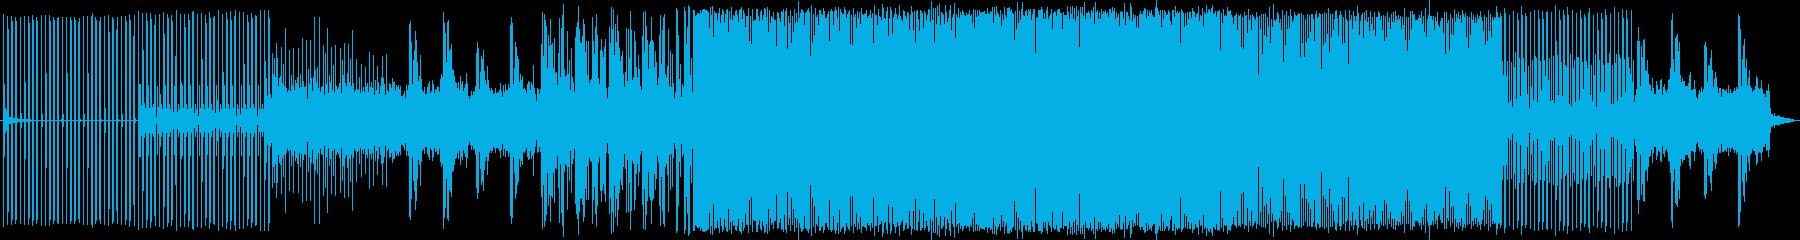 プログレッシブ、フィルタリングシン...の再生済みの波形